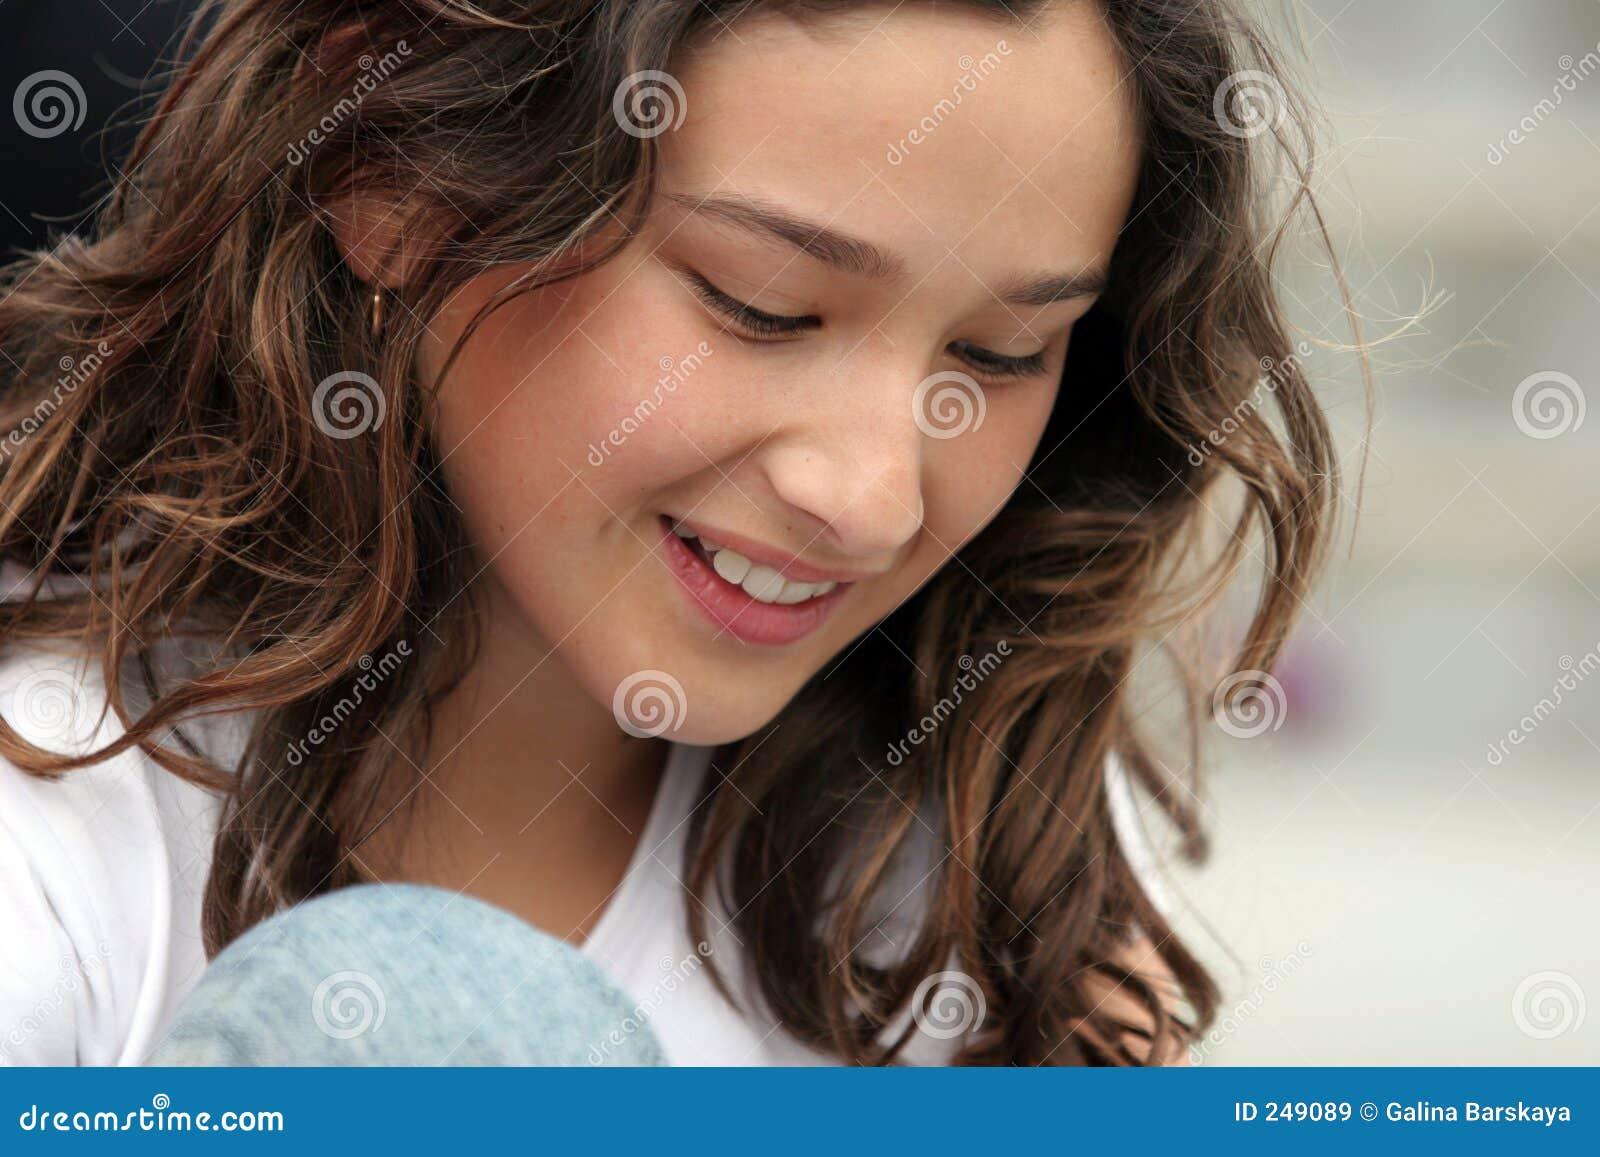 Teen girl free